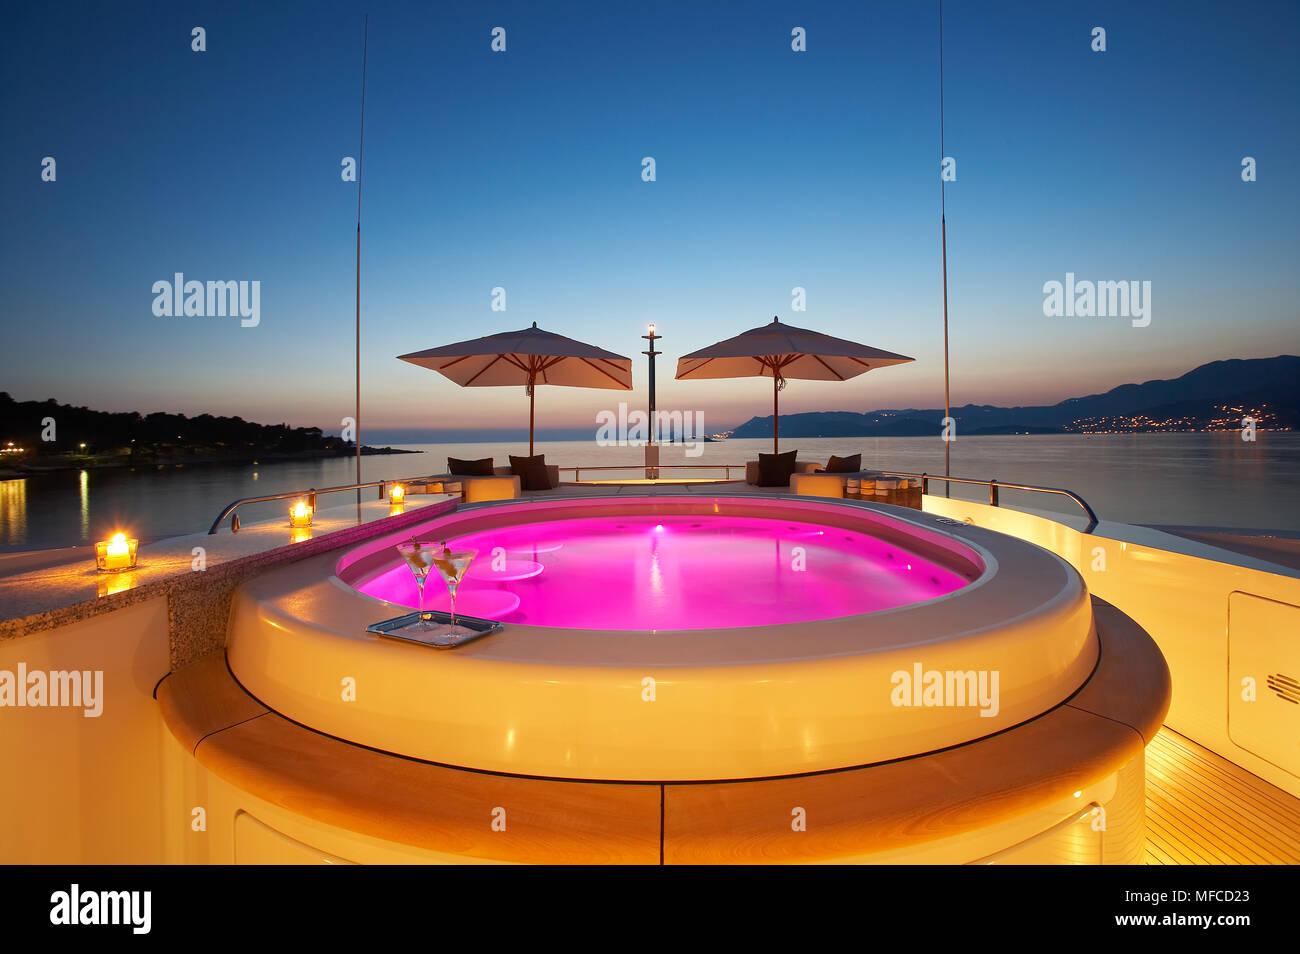 Superyacht jacuzzi at sunset - Stock Image